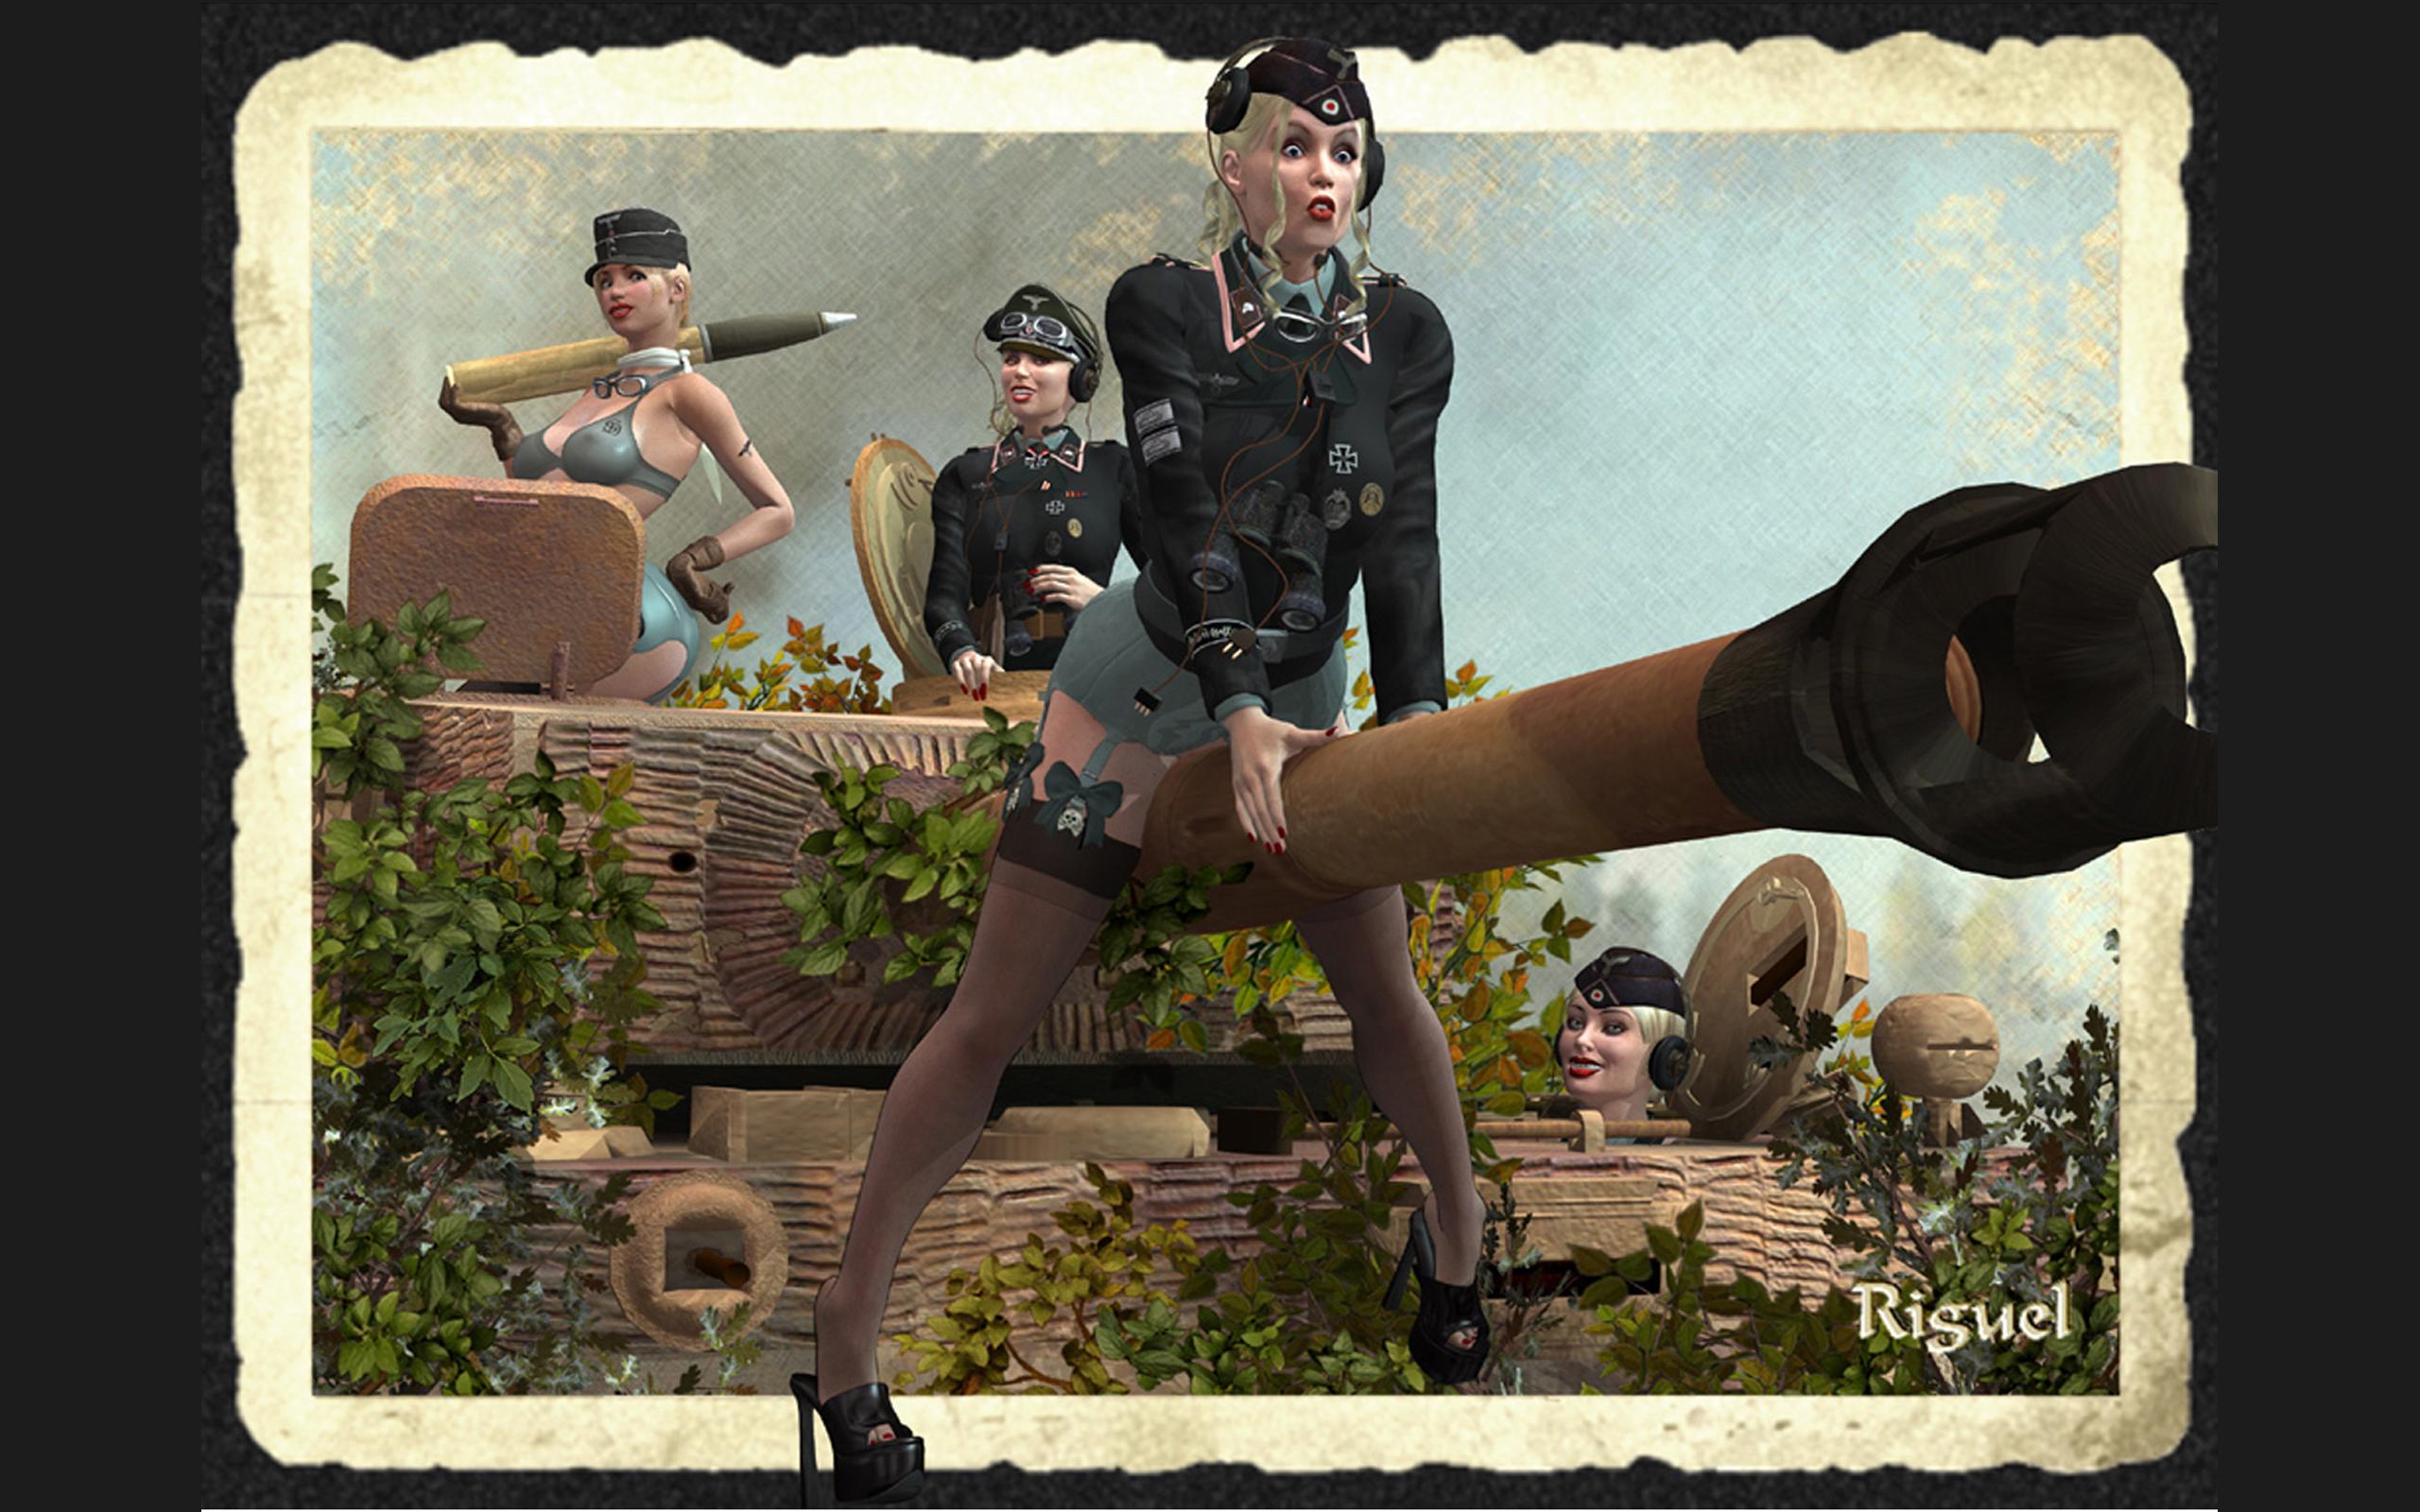 Порно в жанре вторая мировая война 3 фотография